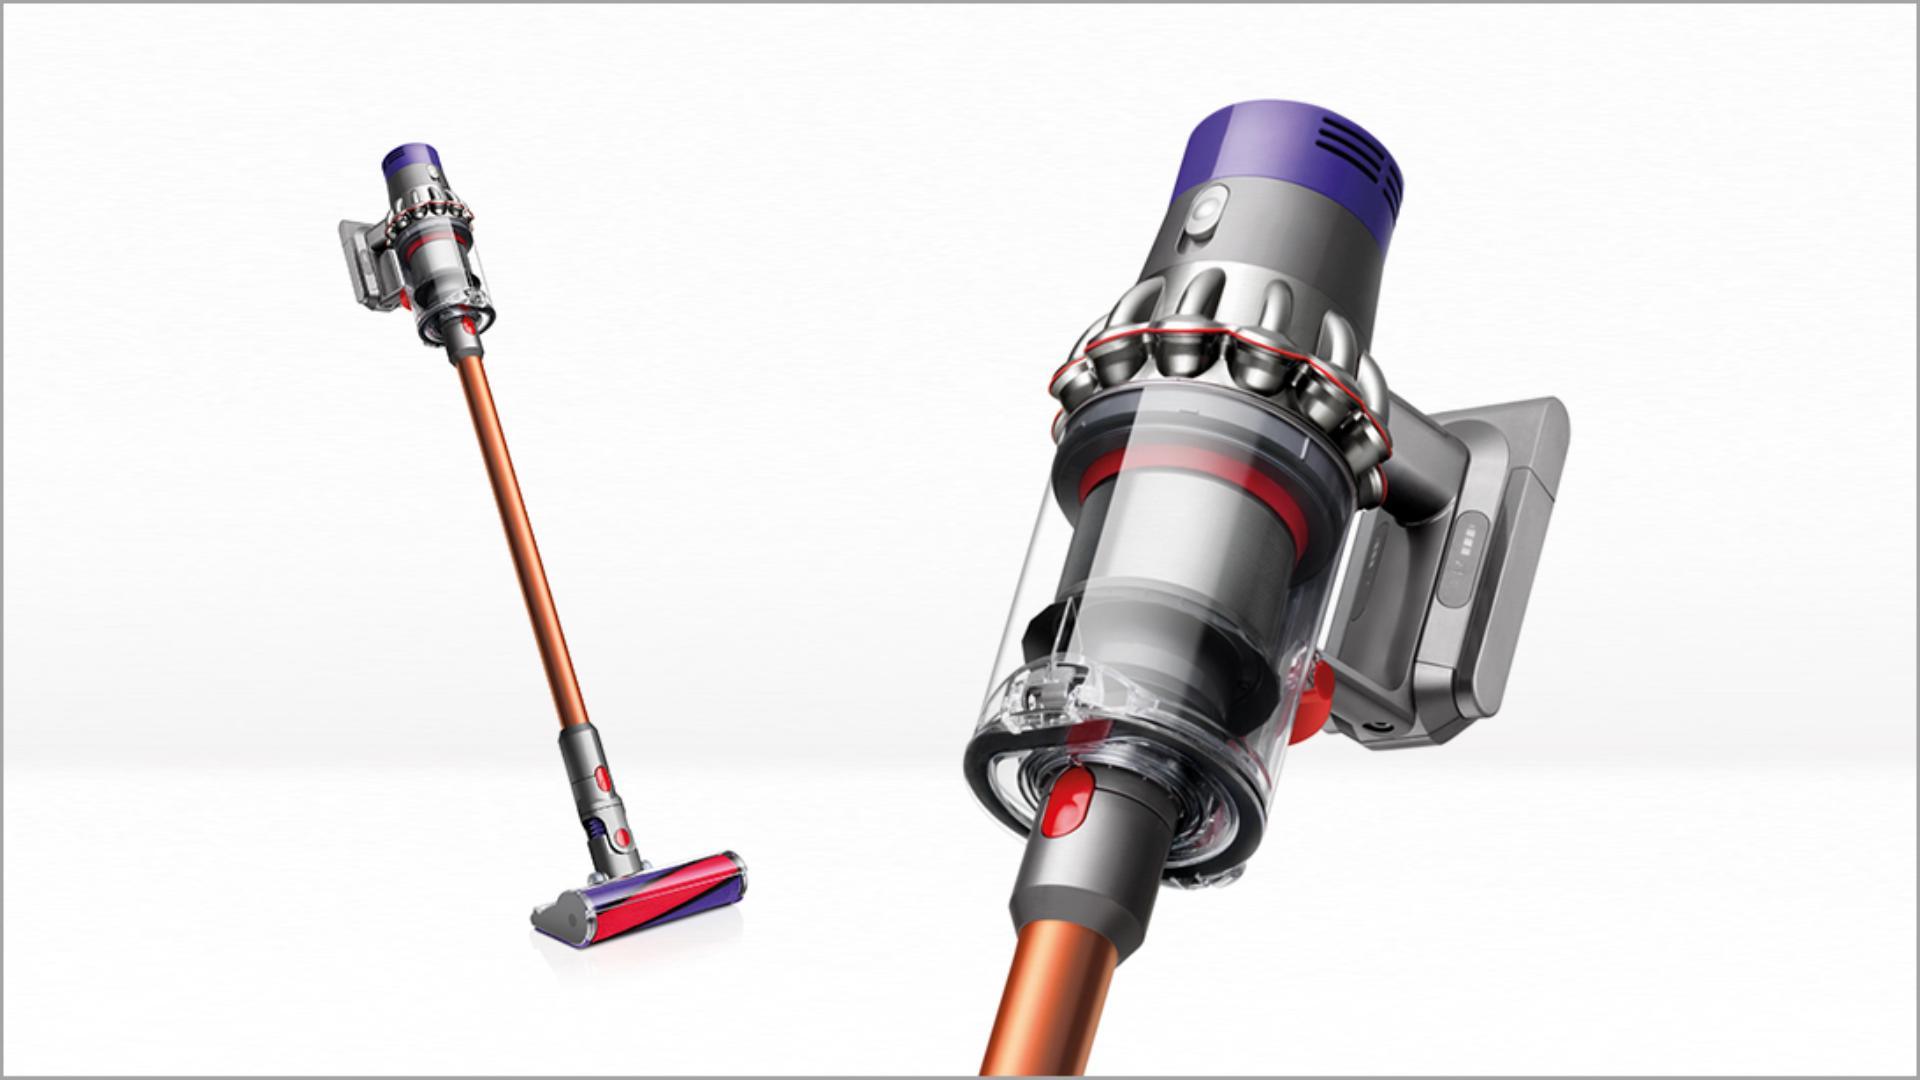 Dyson V10™ cord-free vacuum